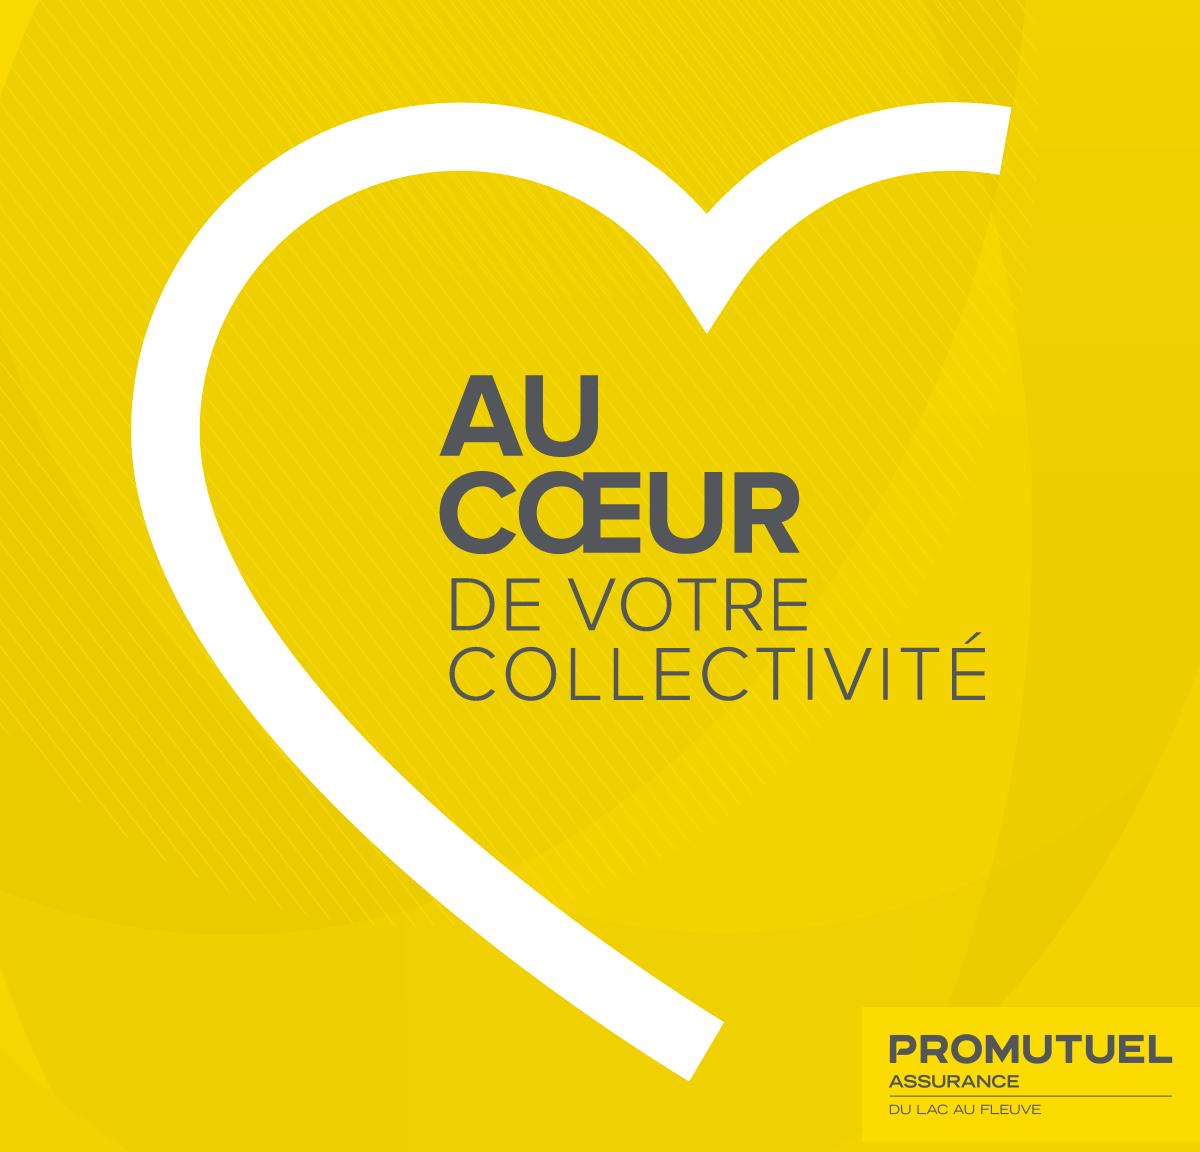 Au cœur de votre collectivité soutient des projets communautaires